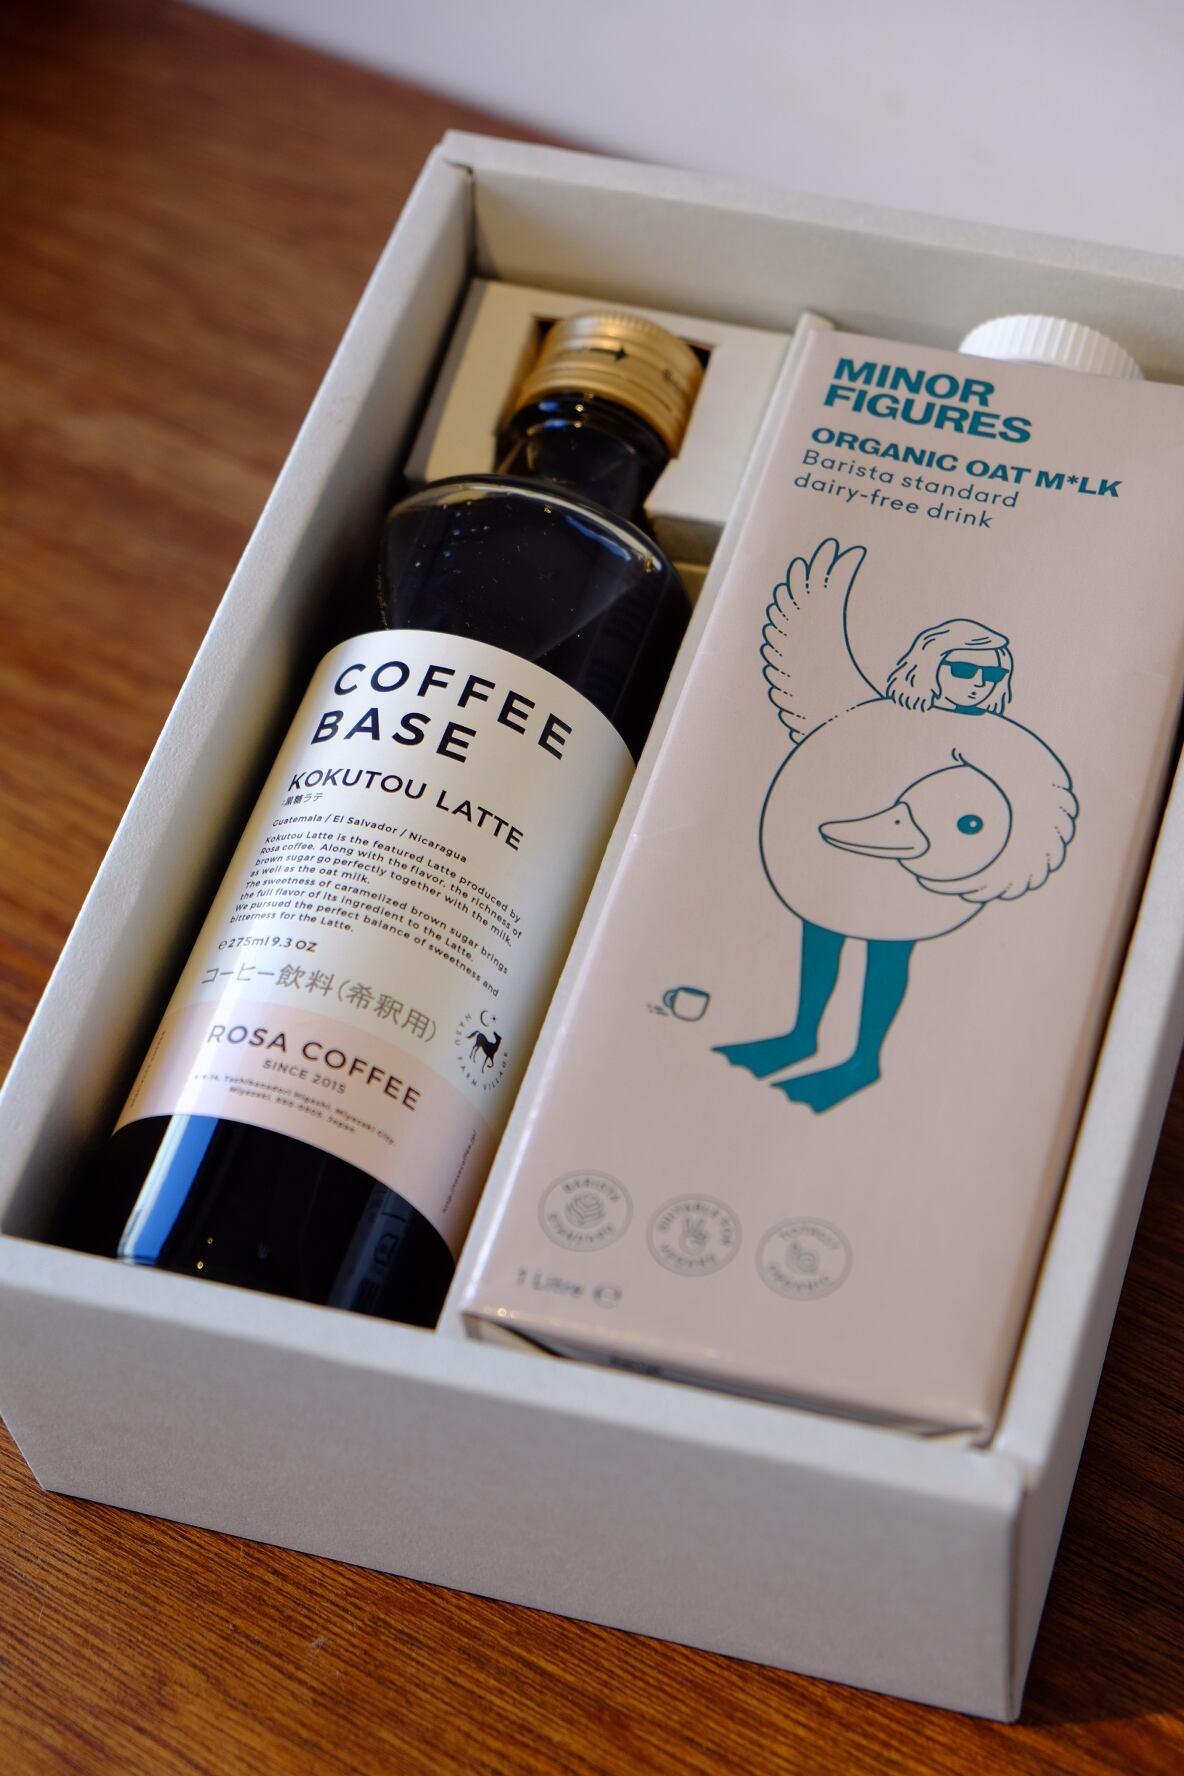 COFFEE BASE 黒糖ラテ & MINOR FIGURESオーツミルク ボックスセット